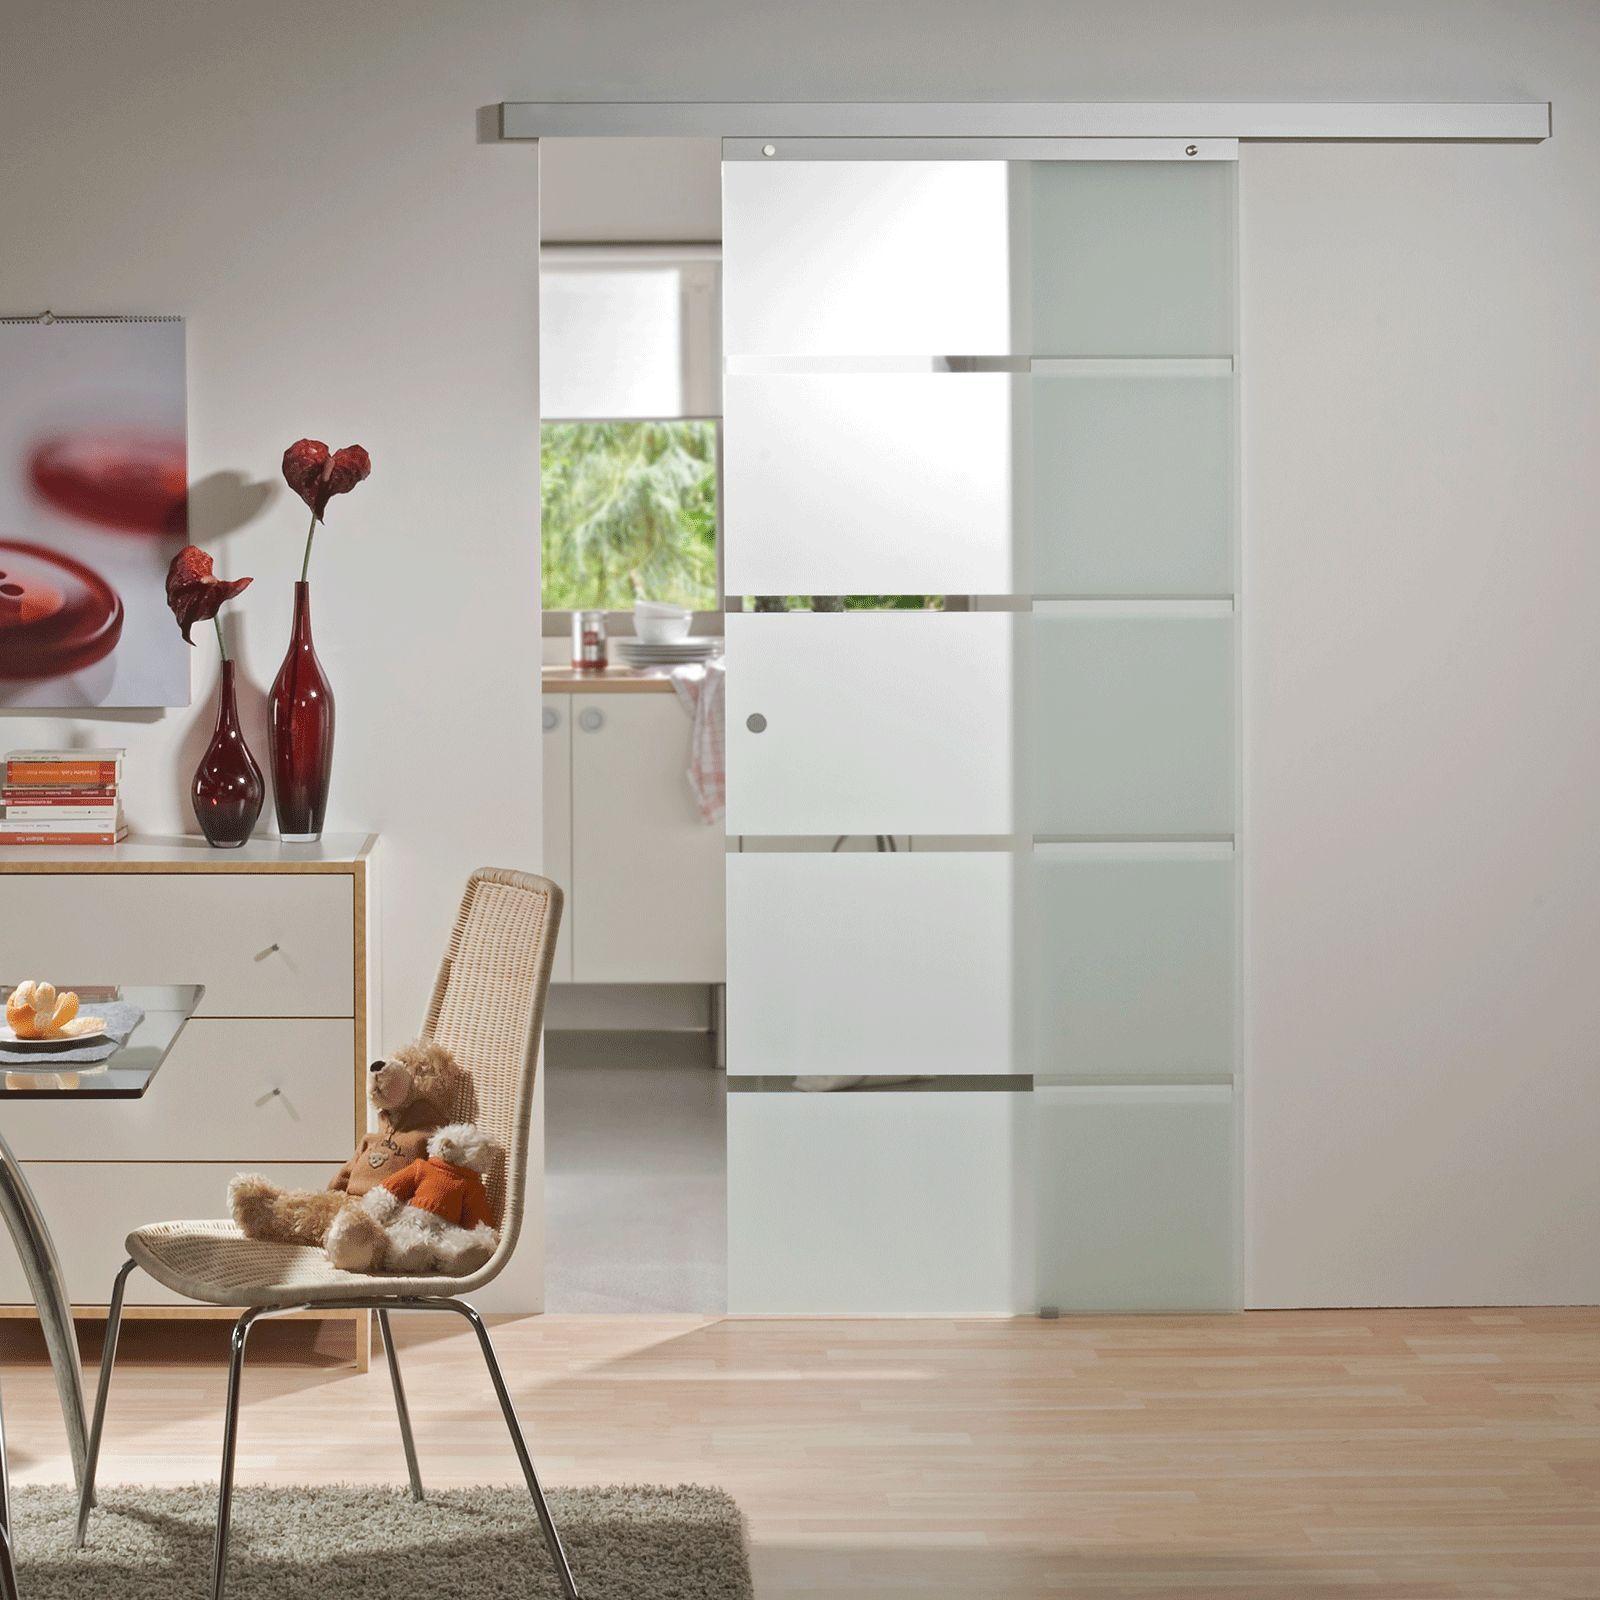 glasvordach vordach glas haust r berdachung t rdach ebay. Black Bedroom Furniture Sets. Home Design Ideas